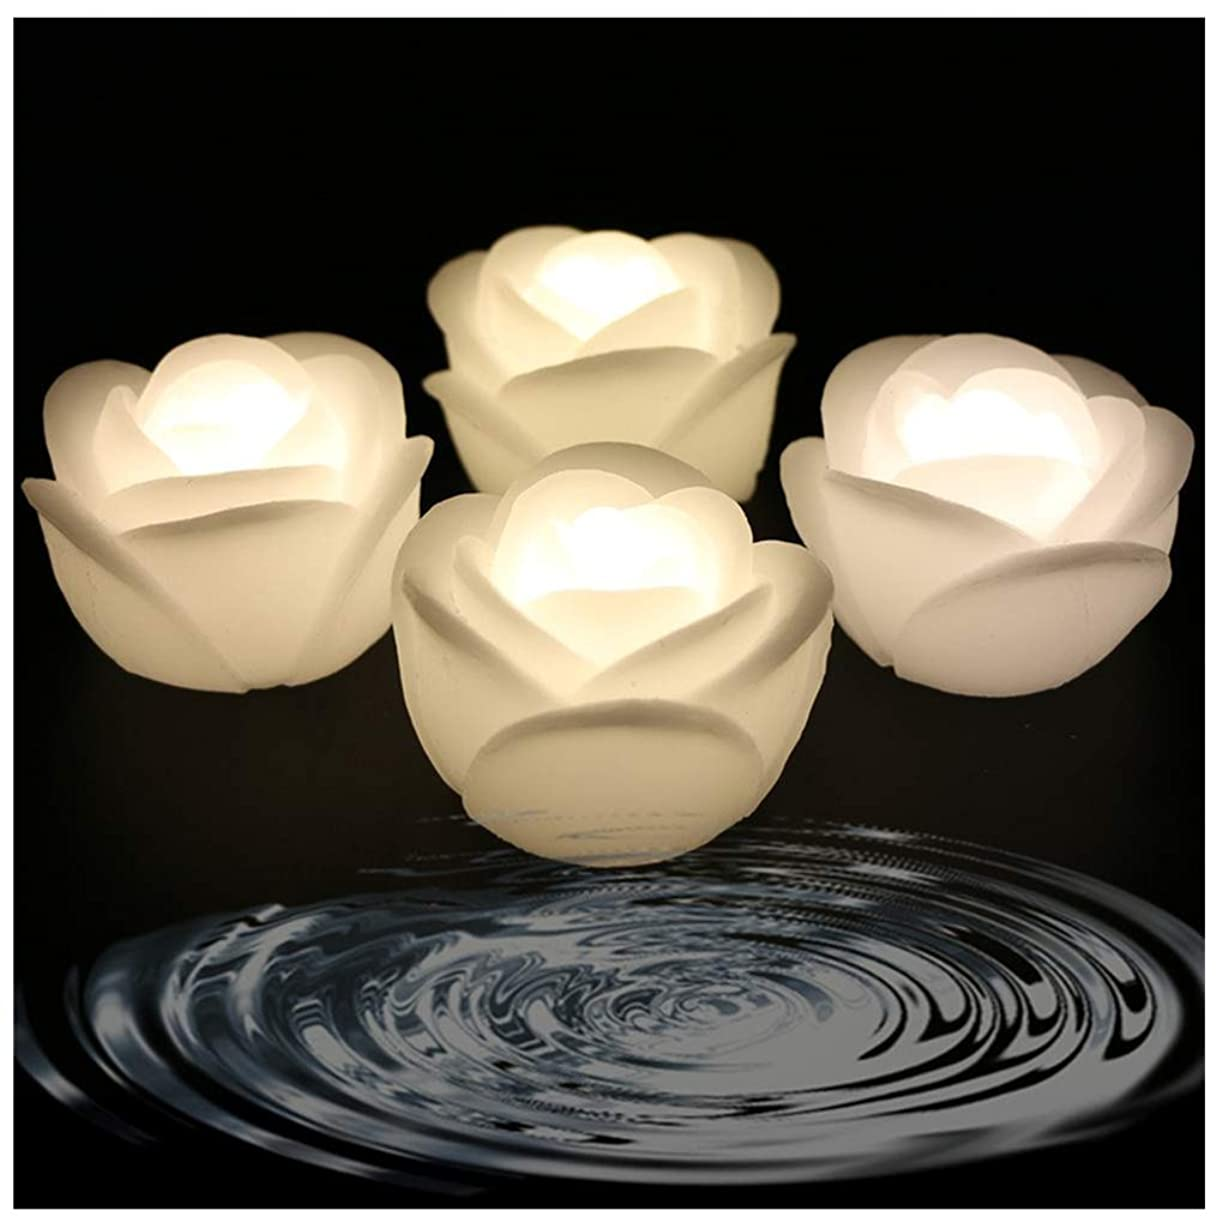 病的起こる論理的にARDUX ワックス防水LEDは、花の浮遊キャンドルナイトライト花嫁のウェディングパーティデコレーションの少ないキャンドル (4個入, 暖かい白)